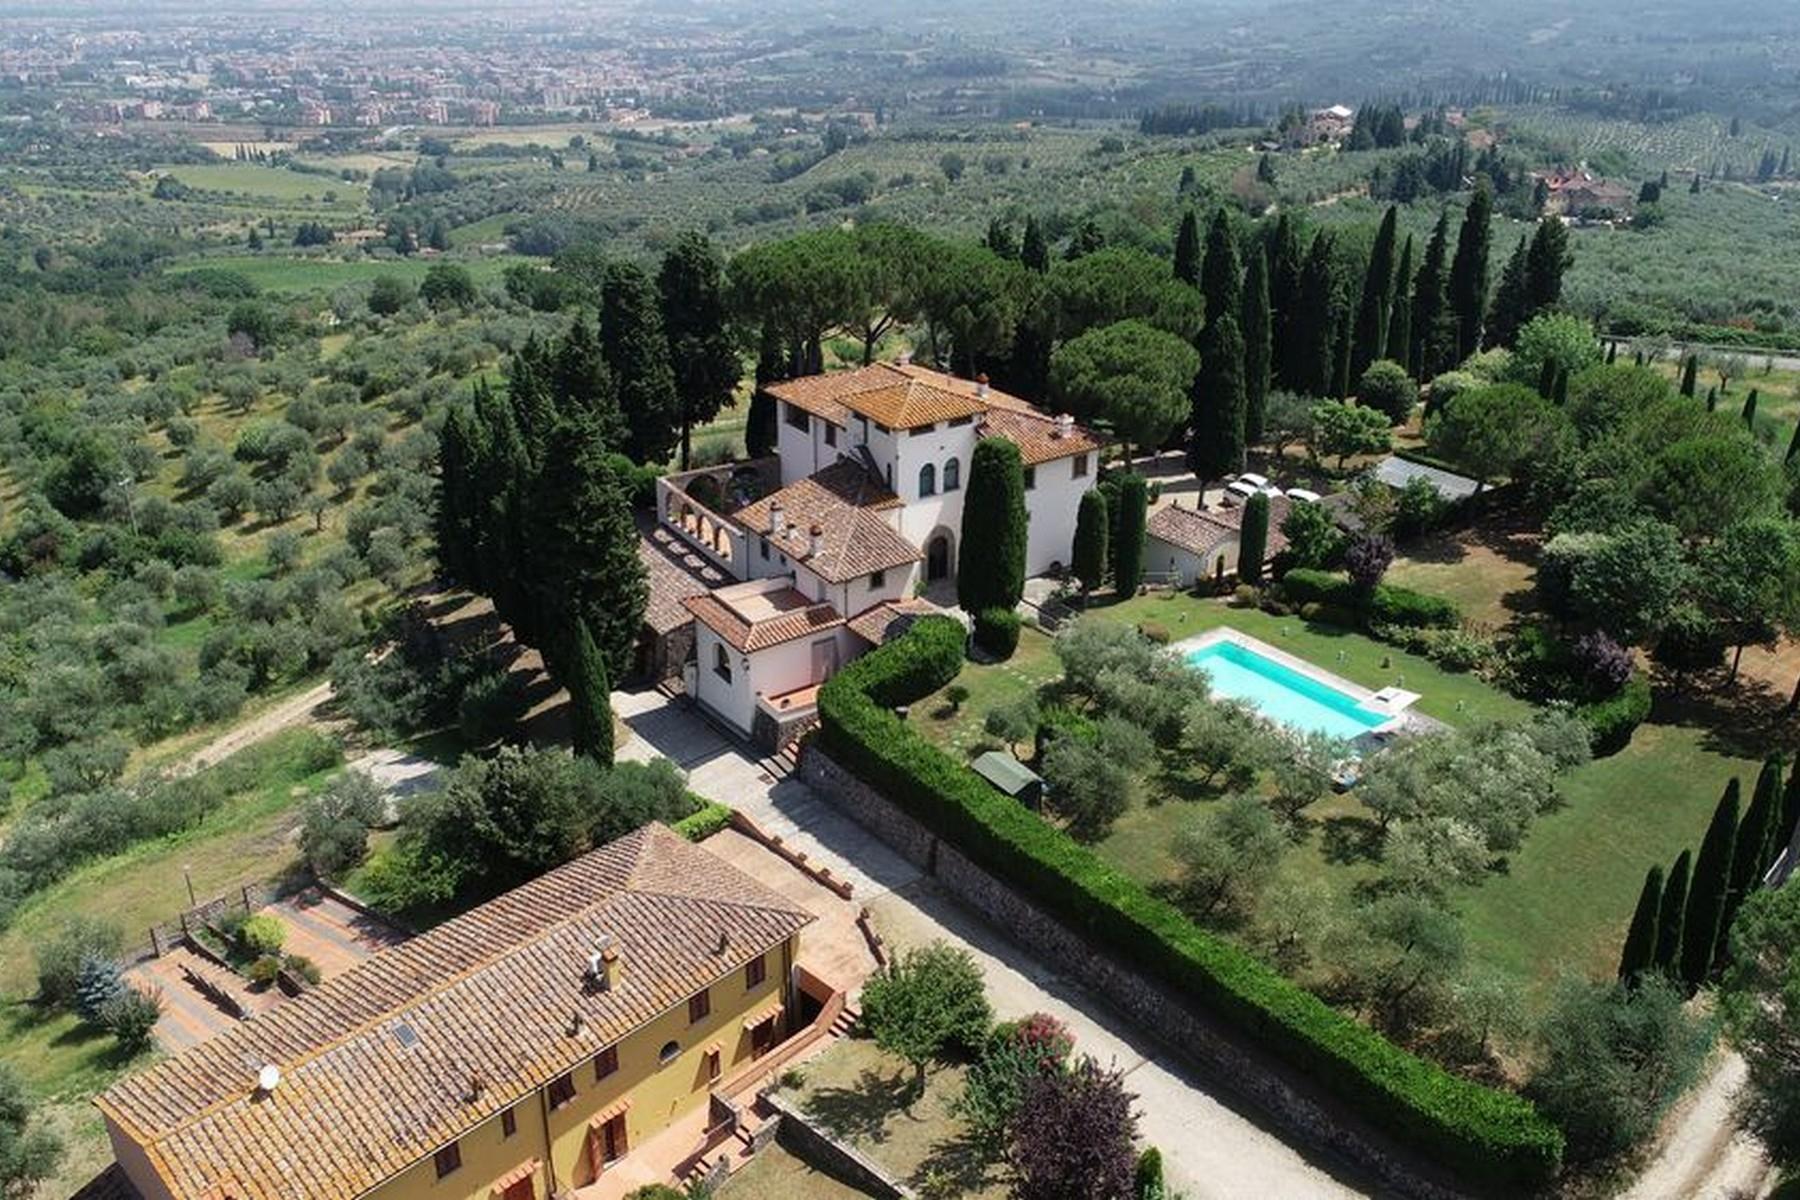 Villa Renaissance avec hameau privé sur les collines de Florence - 1